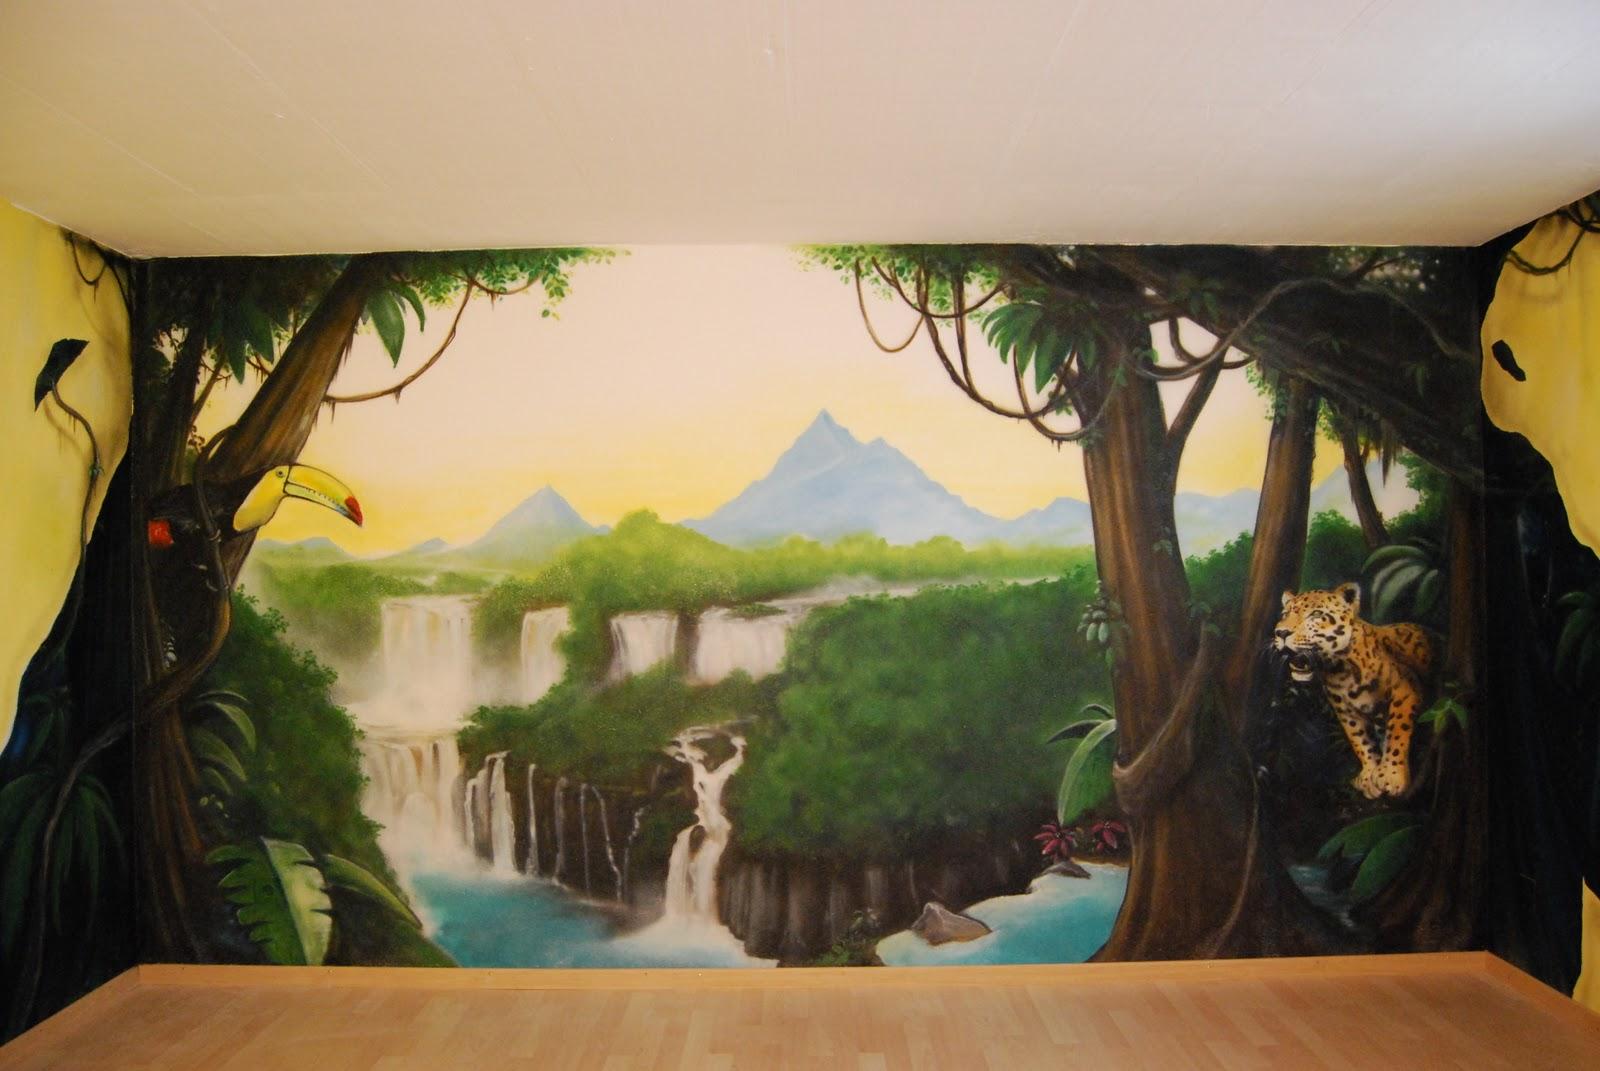 D coration graffiti dans une cave quel beau r sultat - Decoration trompe l oeil ...